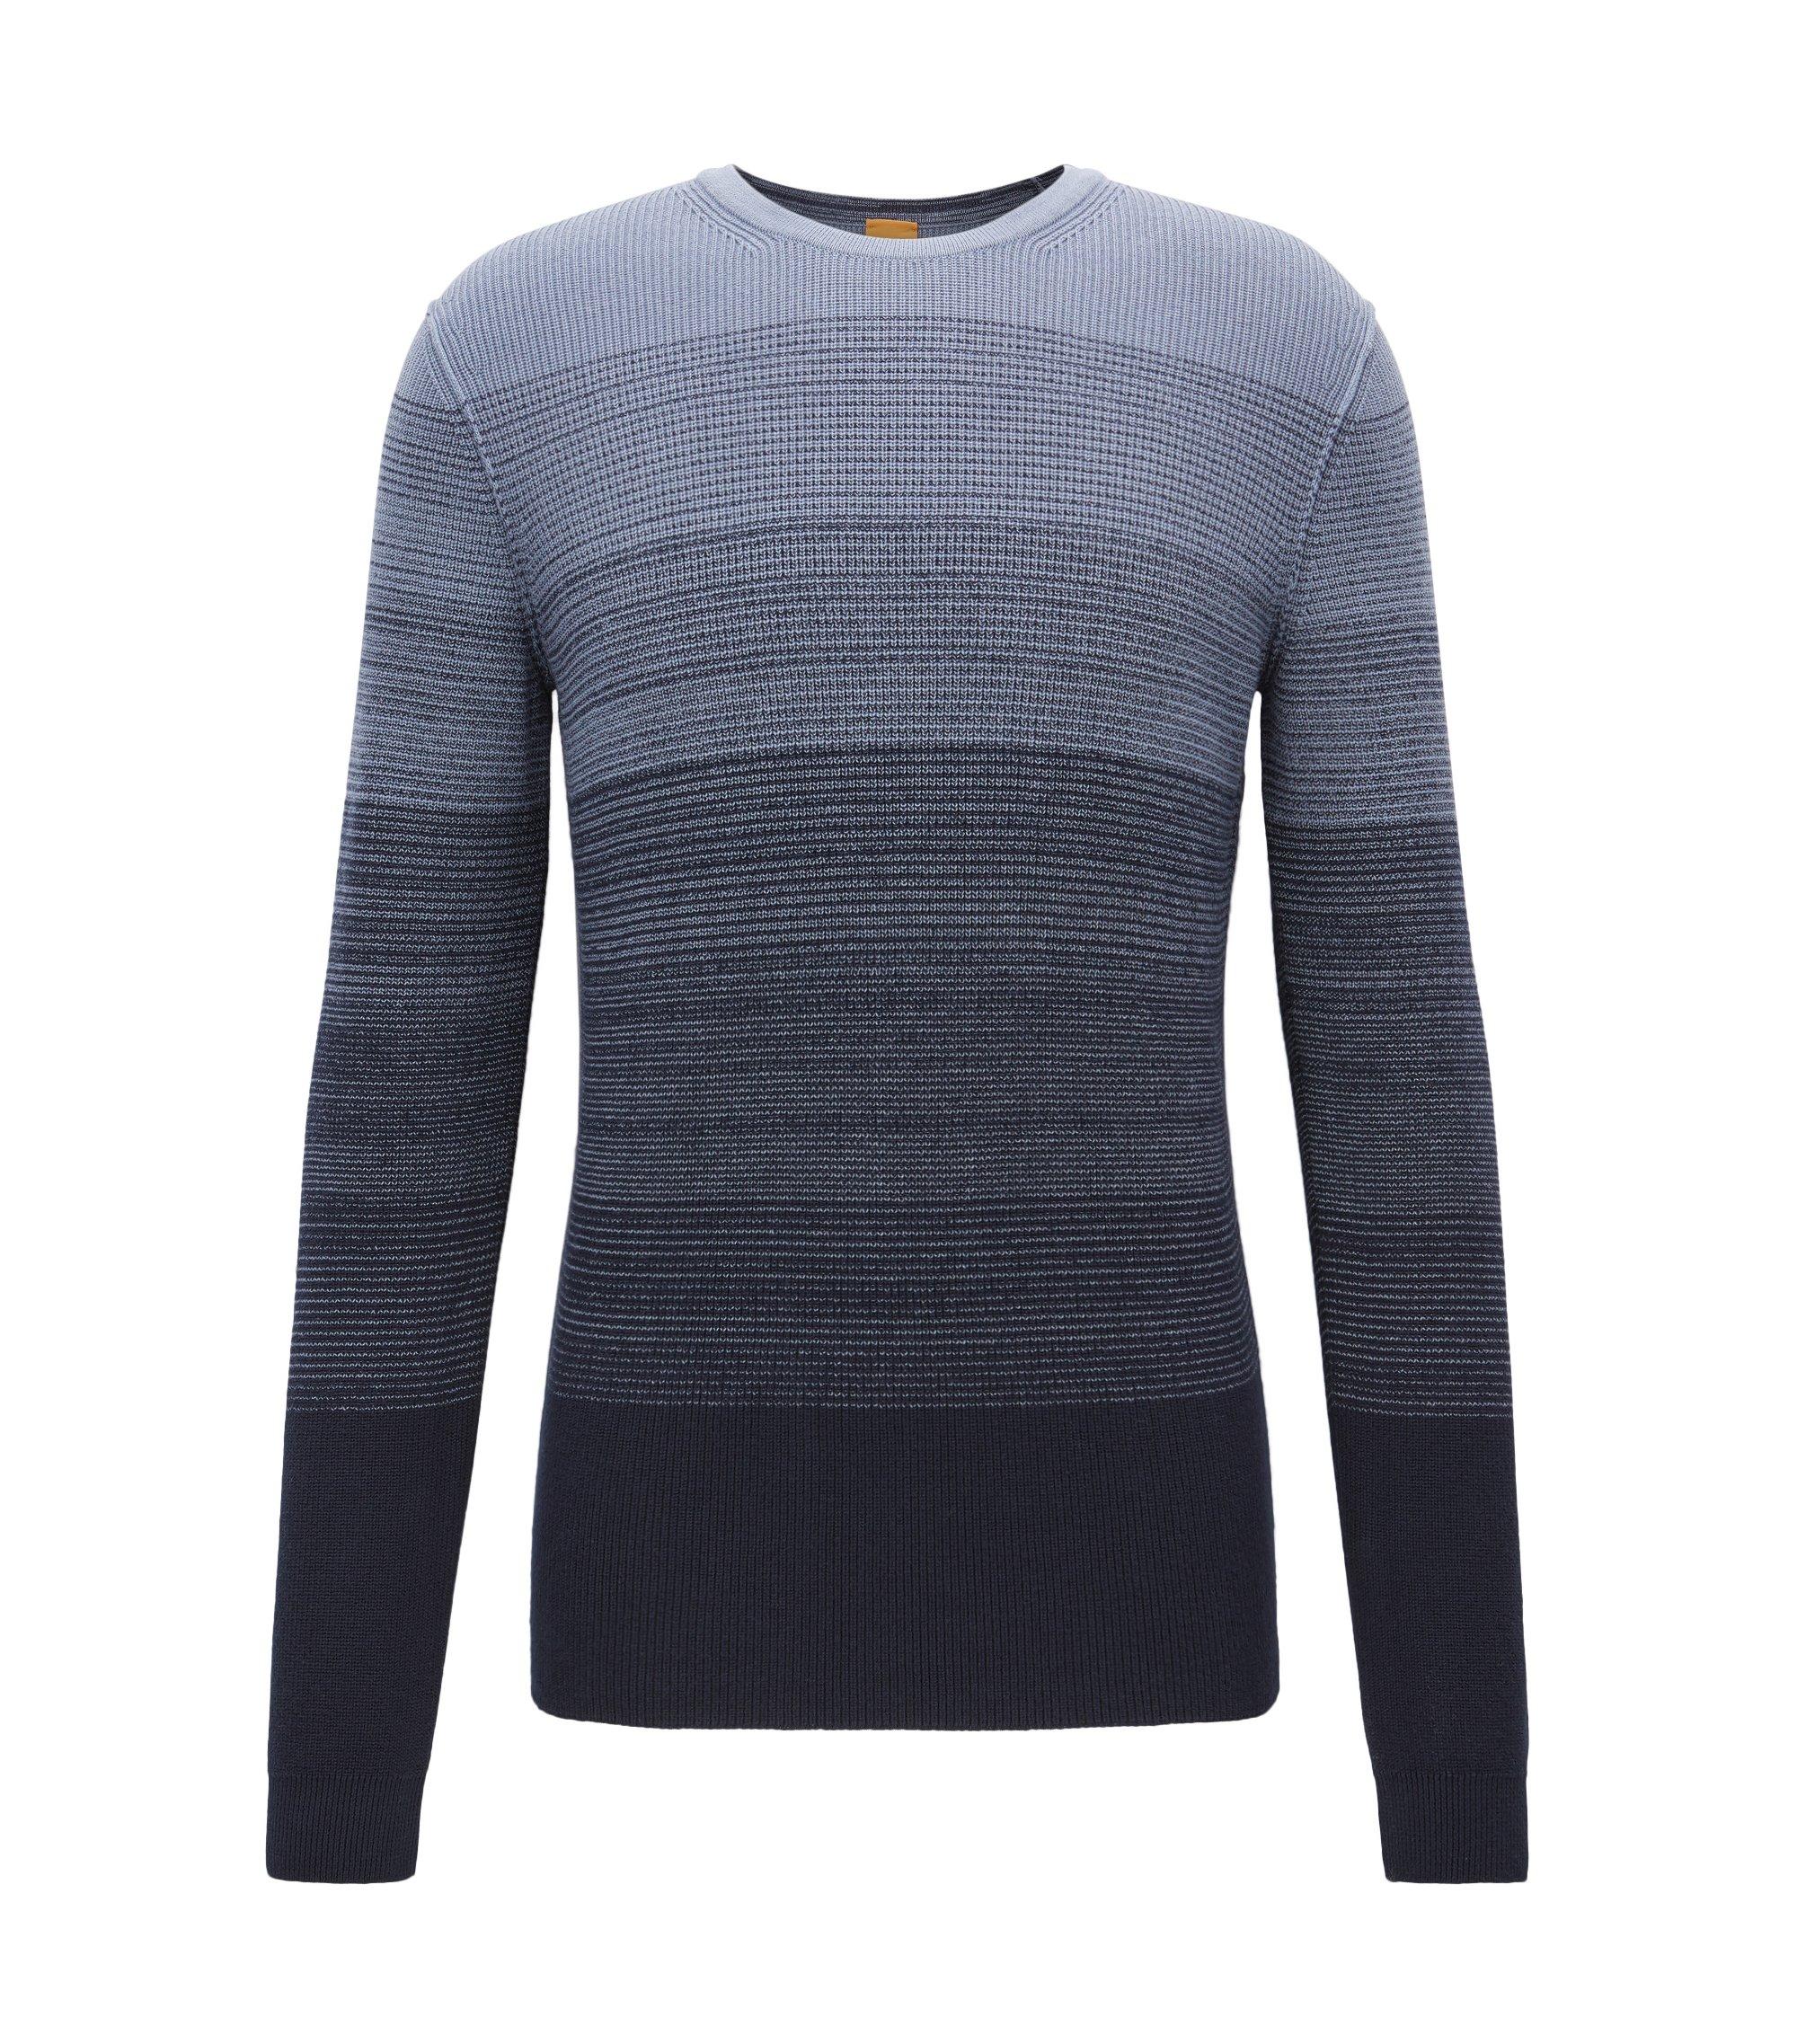 Jersey de algodón con textura de canalé degradada, Azul oscuro